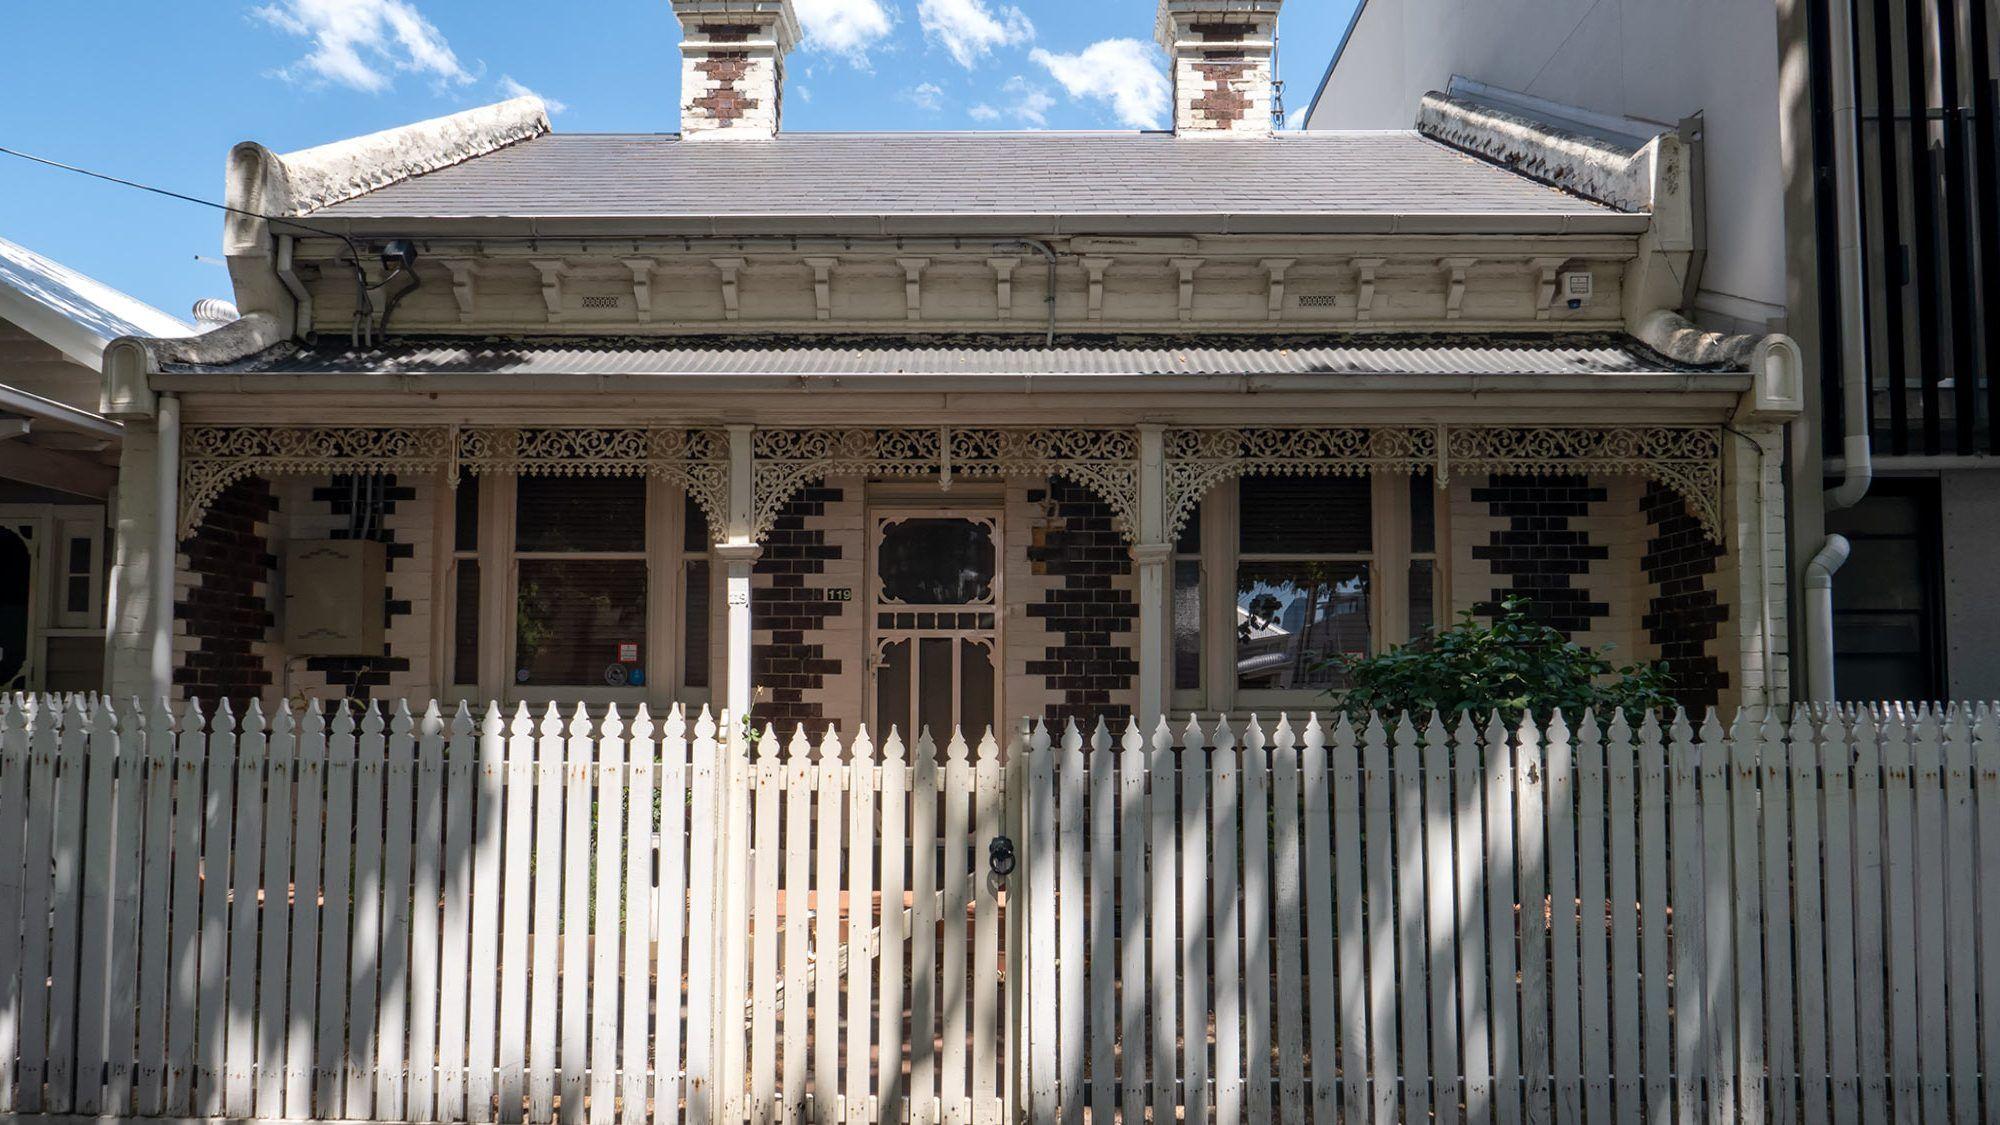 Millionenobjekt: Viktorianisches Häuschen